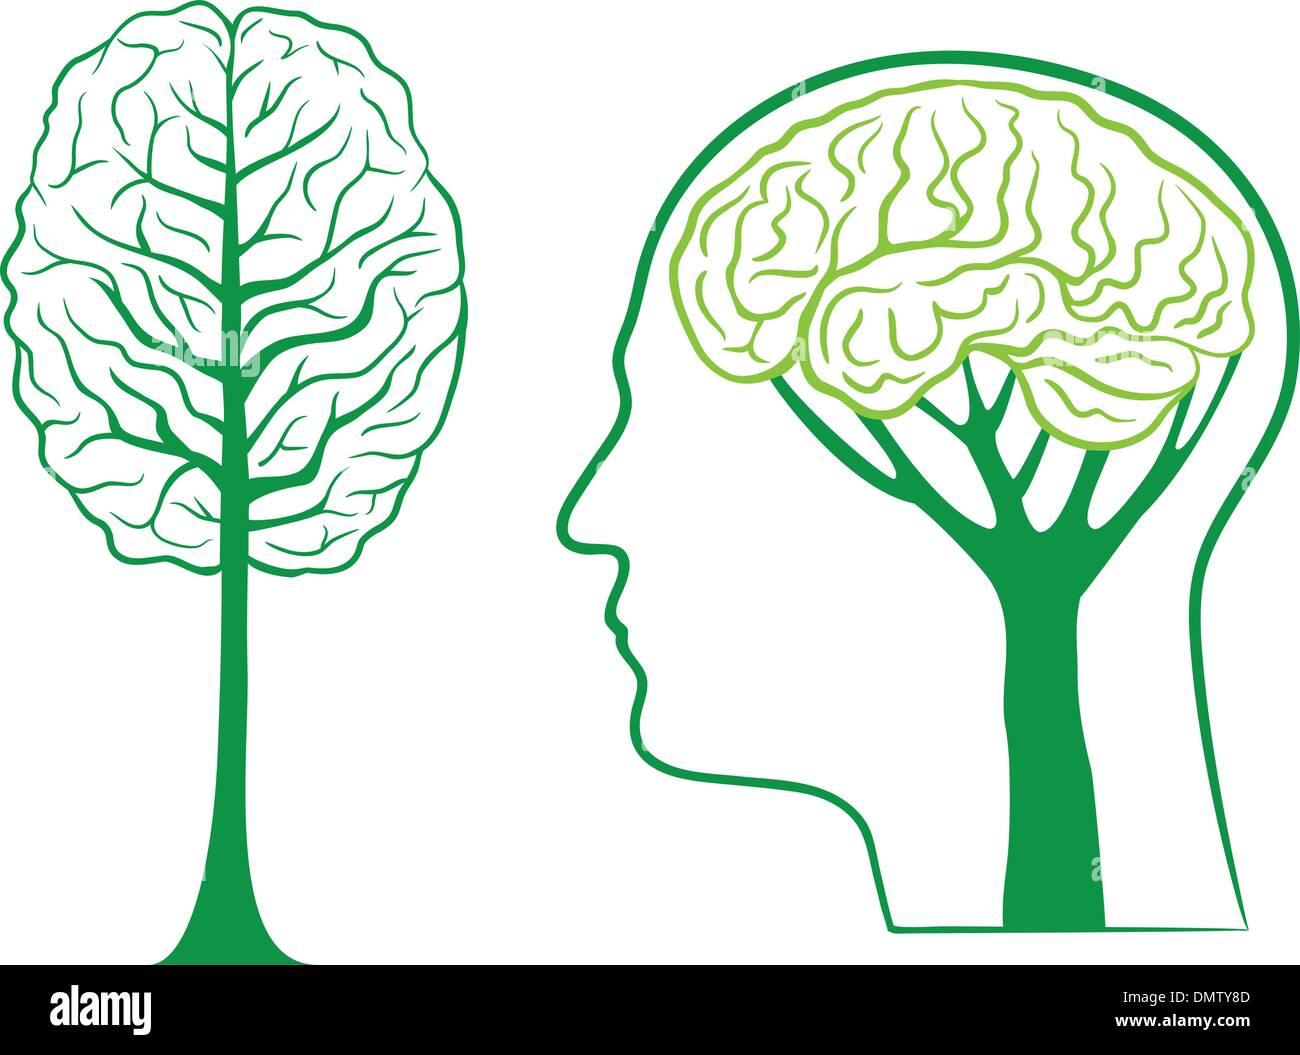 Cerebro, vector árbol verde Imagen De Stock